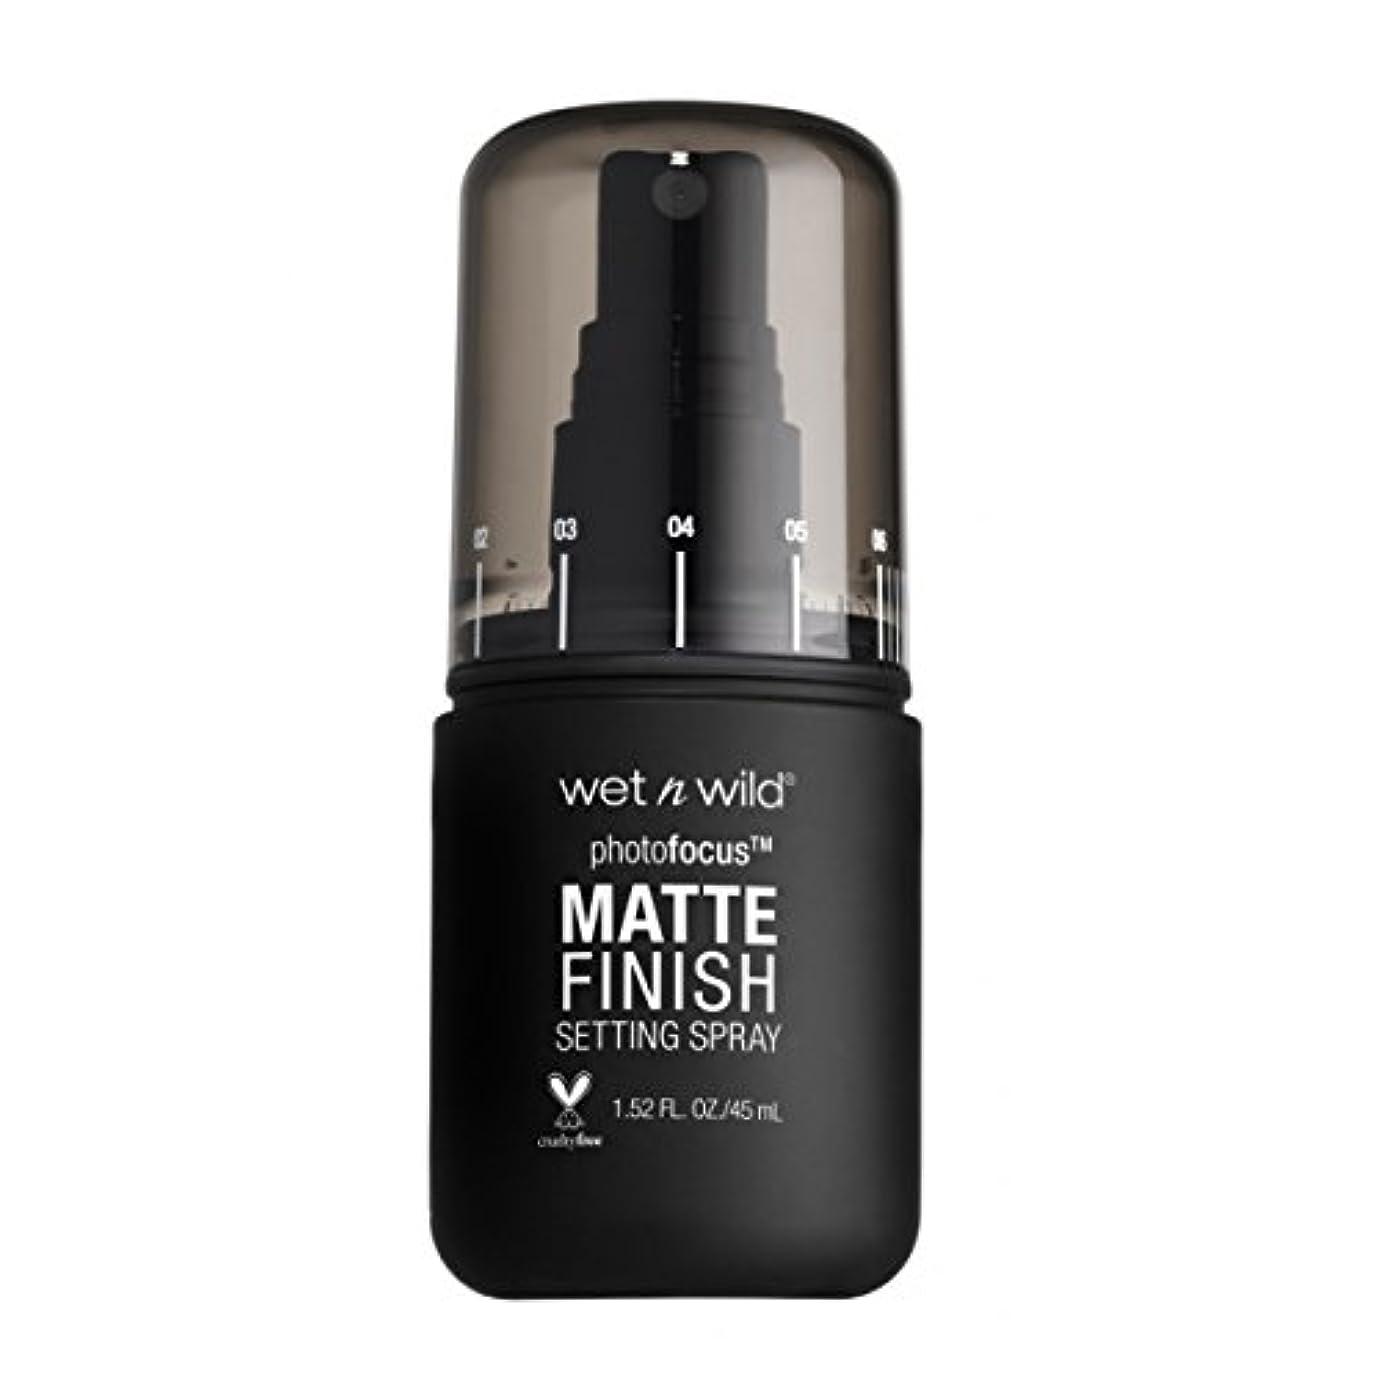 言い直す口熱心な(6 Pack) WET N WILD Photo Focus Matte Finish Setting Spray - Matte Appeal (並行輸入品)